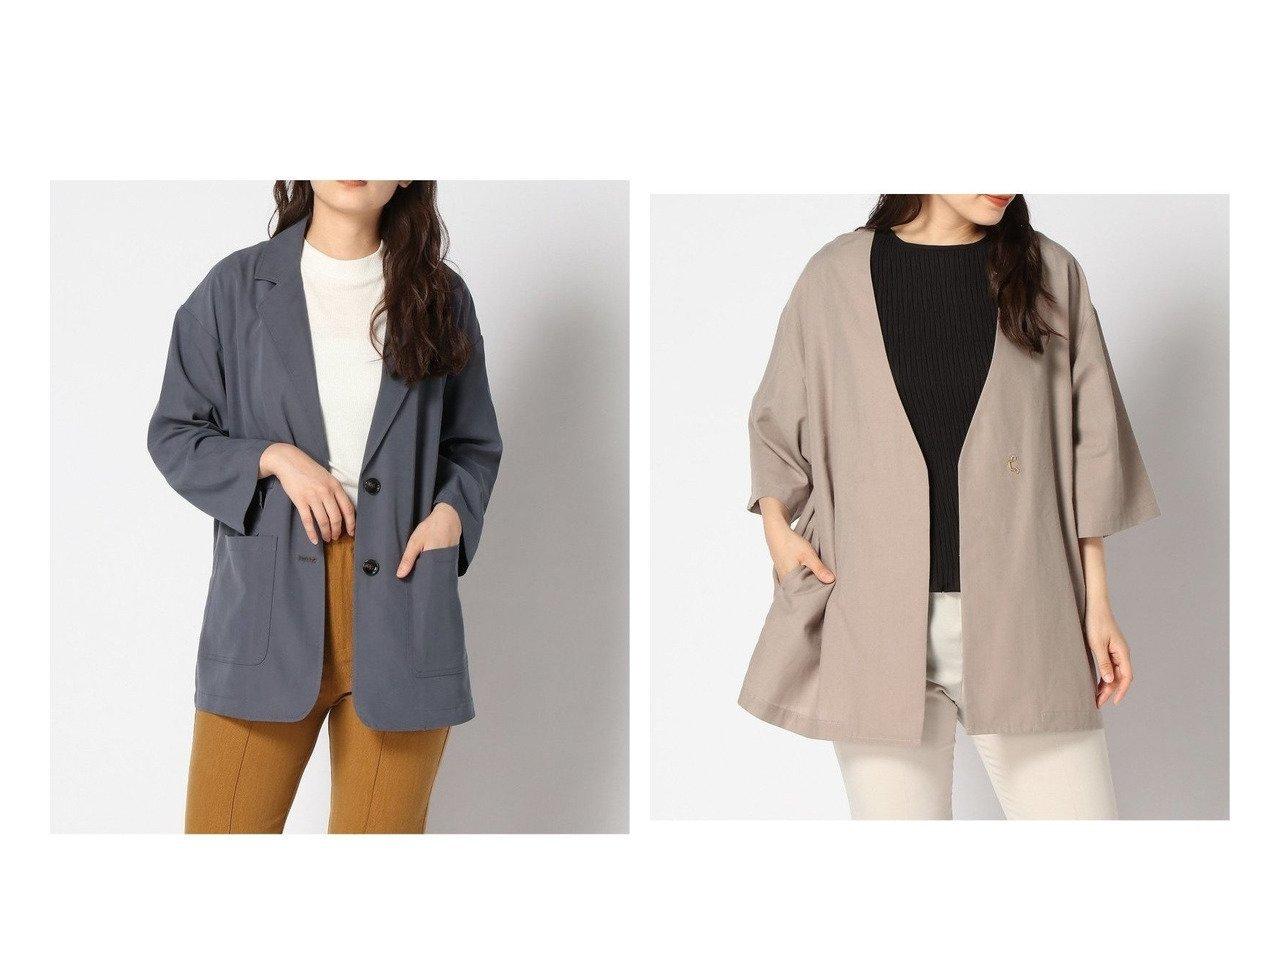 【GLOBAL WORK/グローバルワーク】のノーカラーシャツジャケット6S&【JEANASiS/ジーナシス】のソデフレア2WテーラーJK おすすめ!人気、トレンド・レディースファッションの通販 おすすめで人気の流行・トレンド、ファッションの通販商品 インテリア・家具・メンズファッション・キッズファッション・レディースファッション・服の通販 founy(ファニー) https://founy.com/ ファッション Fashion レディースファッション WOMEN アウター Coat Outerwear コート Coats ジャケット Jackets テーラードジャケット Tailored Jackets ノーカラージャケット No Collar Leather Jackets NEW・新作・新着・新入荷 New Arrivals ジャケット  ID:crp329100000061044